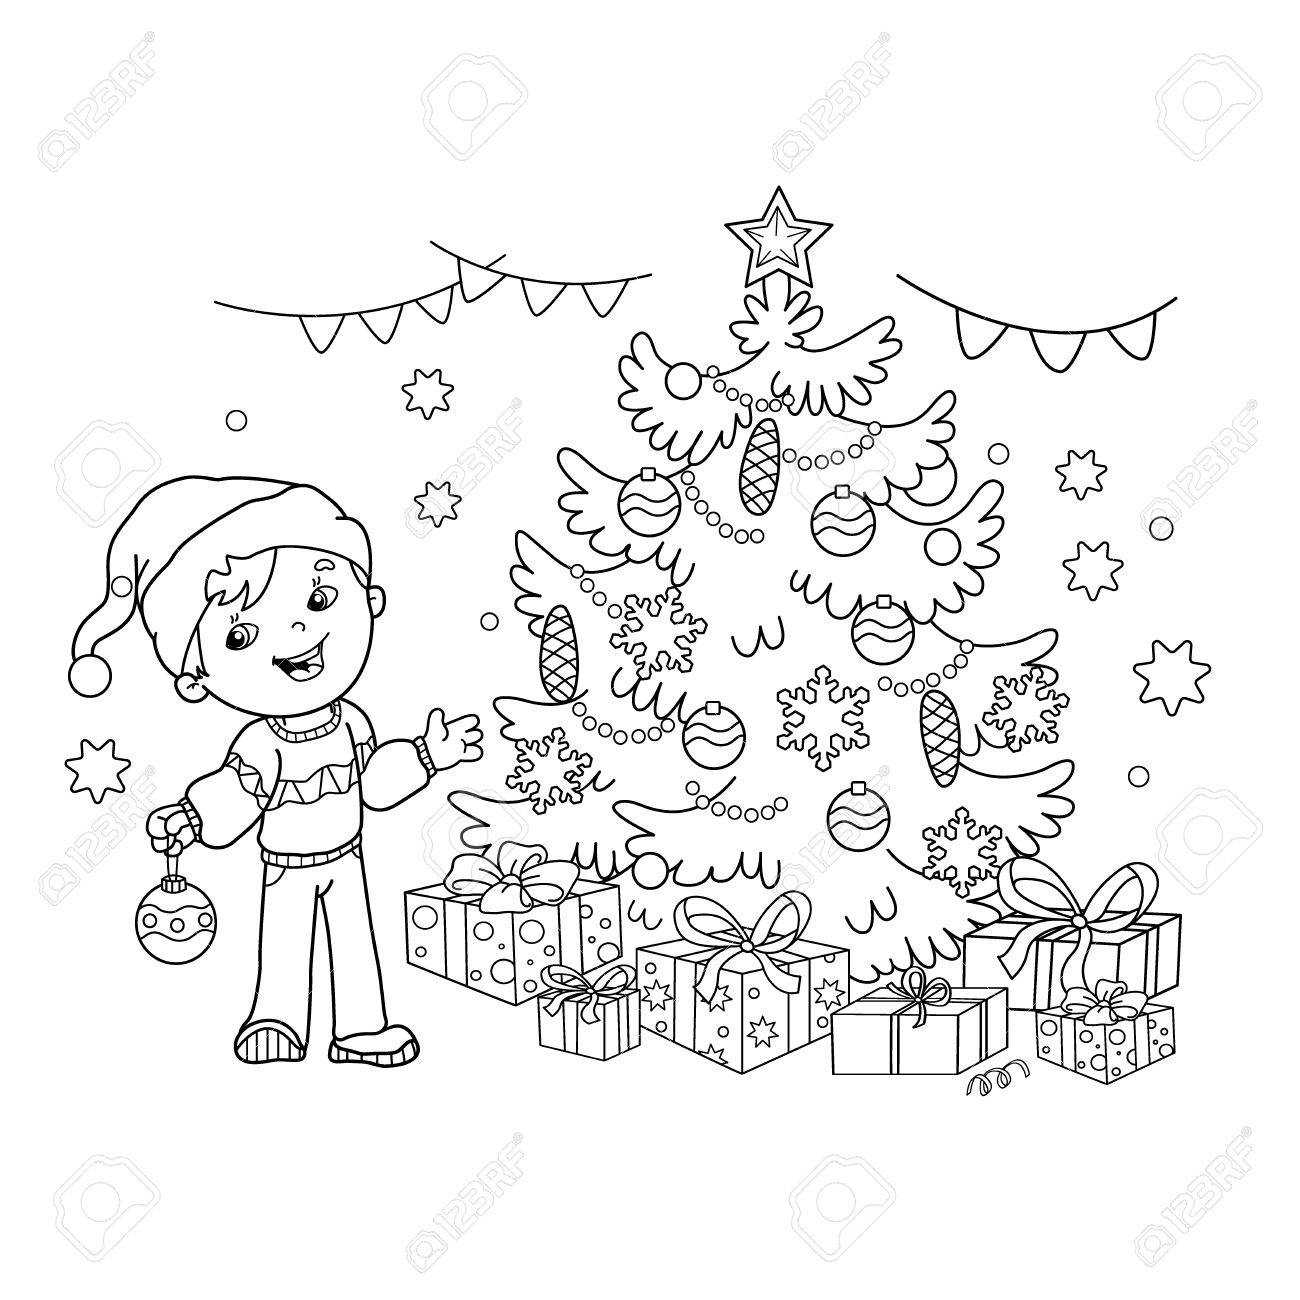 Página Para Colorear Esquema De Dibujos Animados Niños Decorar El árbol De Navidad Navidad Año Nuevo Libro De Colorear Para Niños